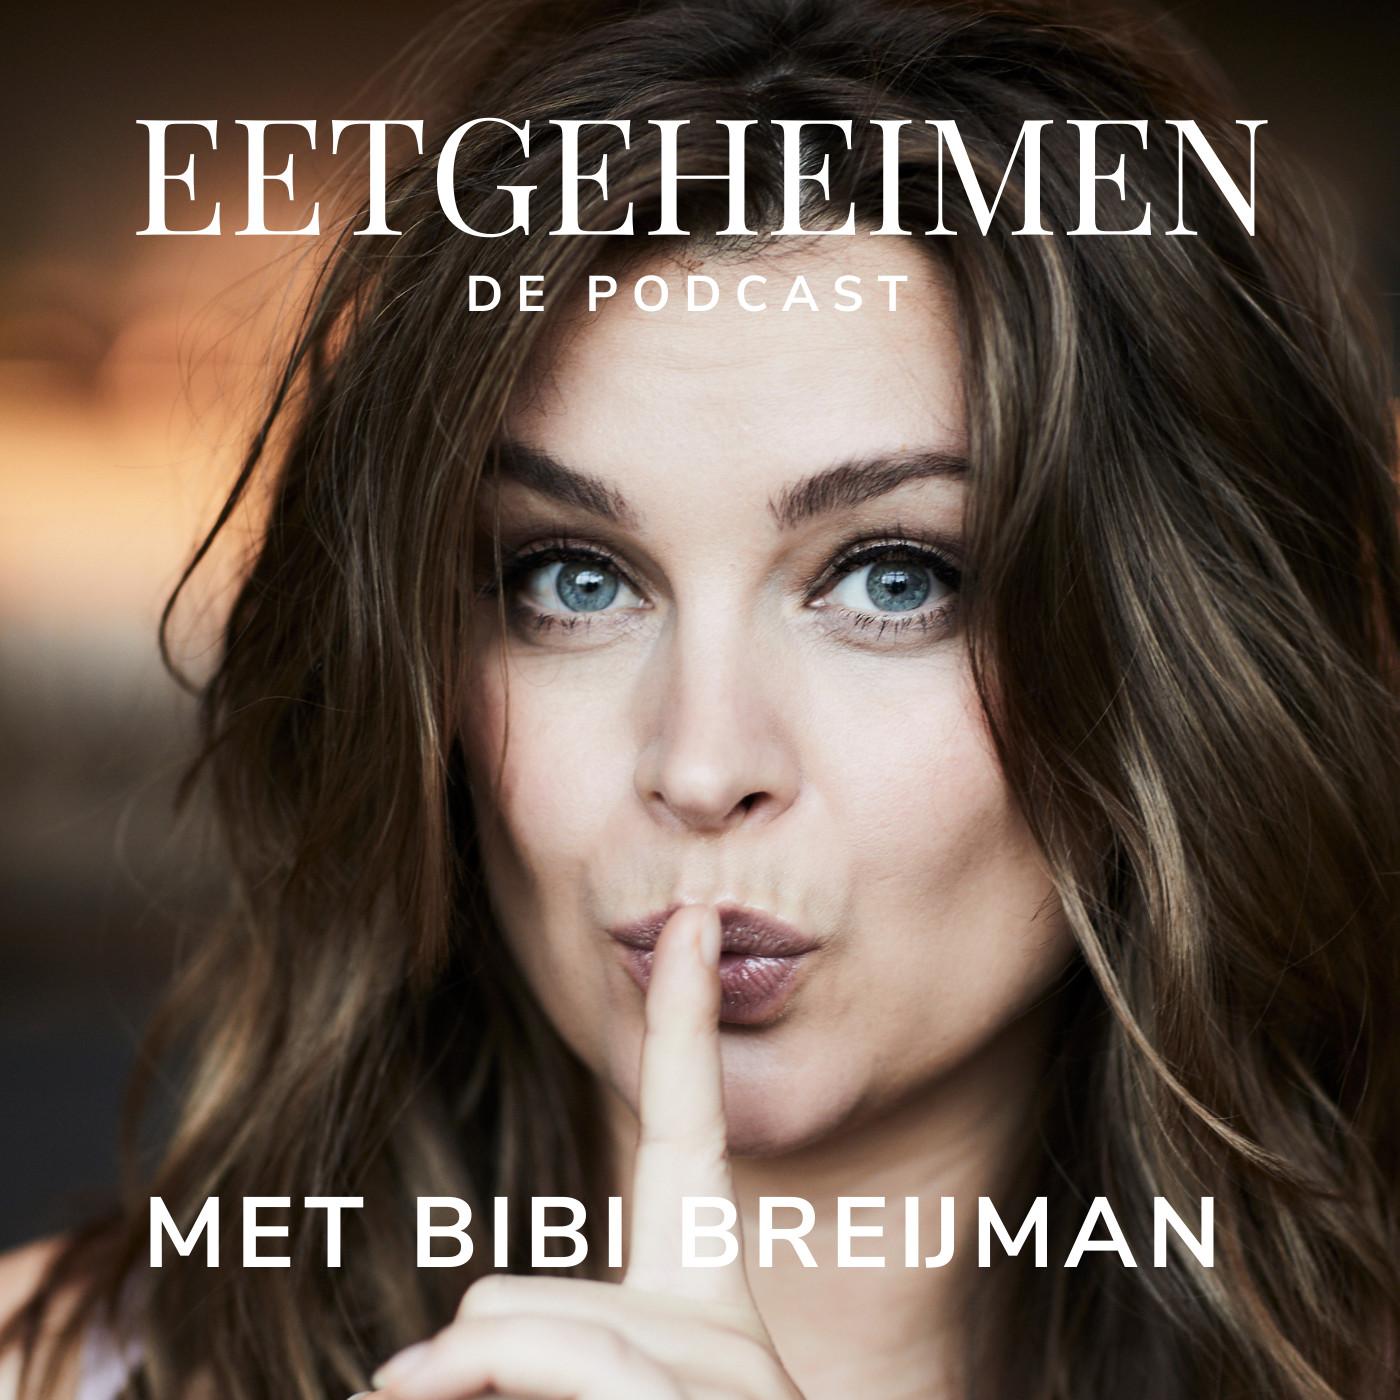 #9 - Trailer Bibi Breijman